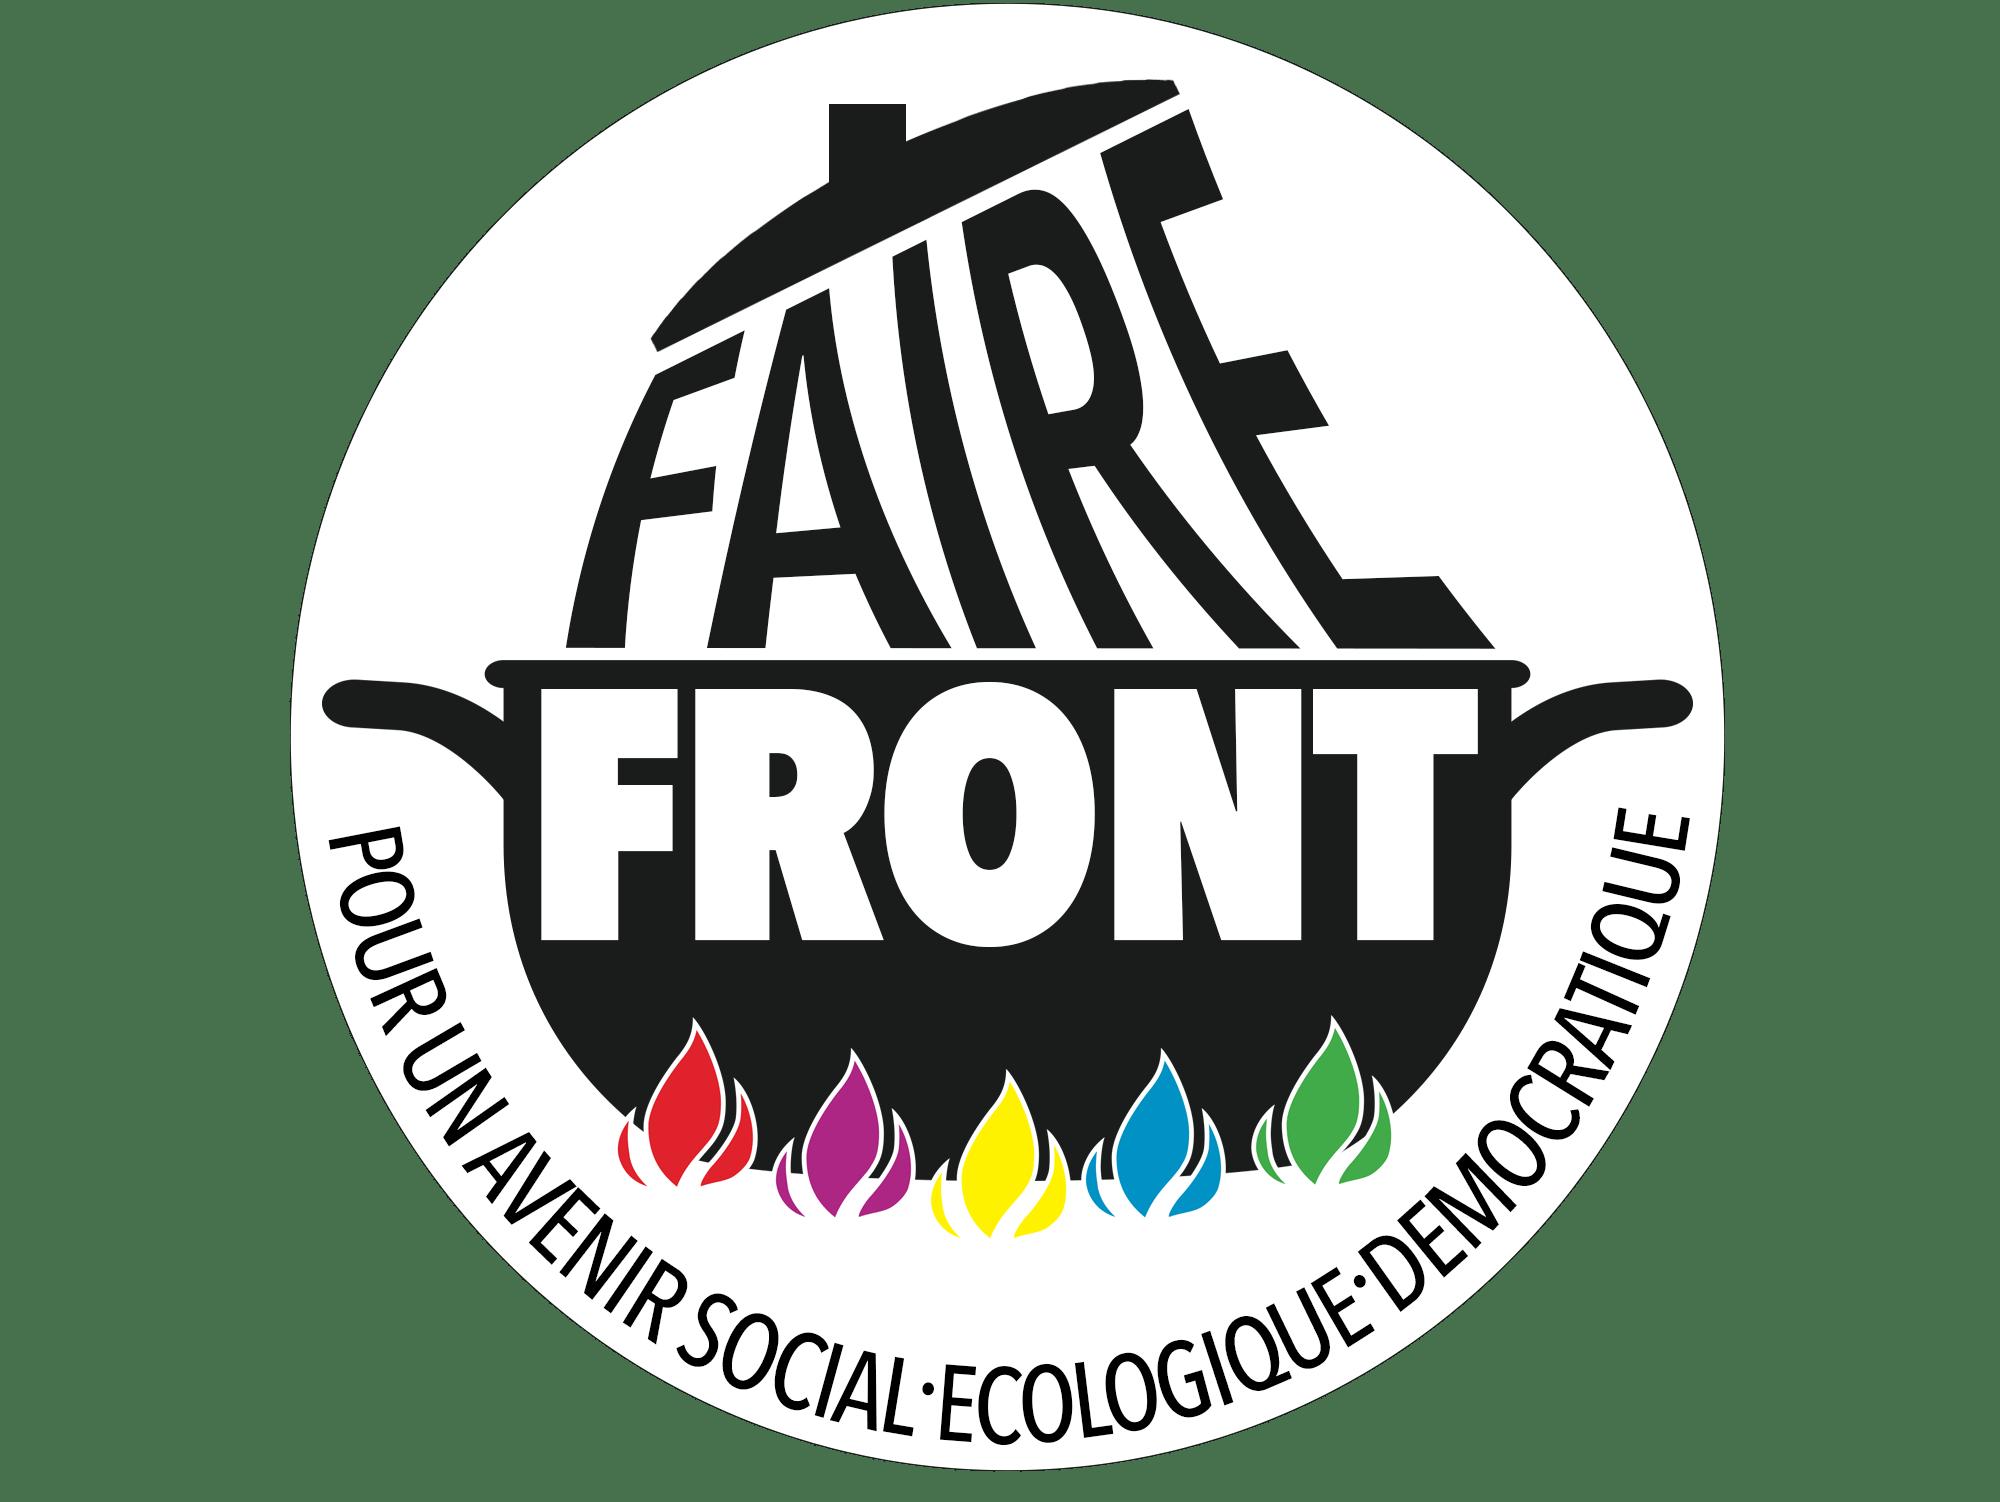 Faire Front